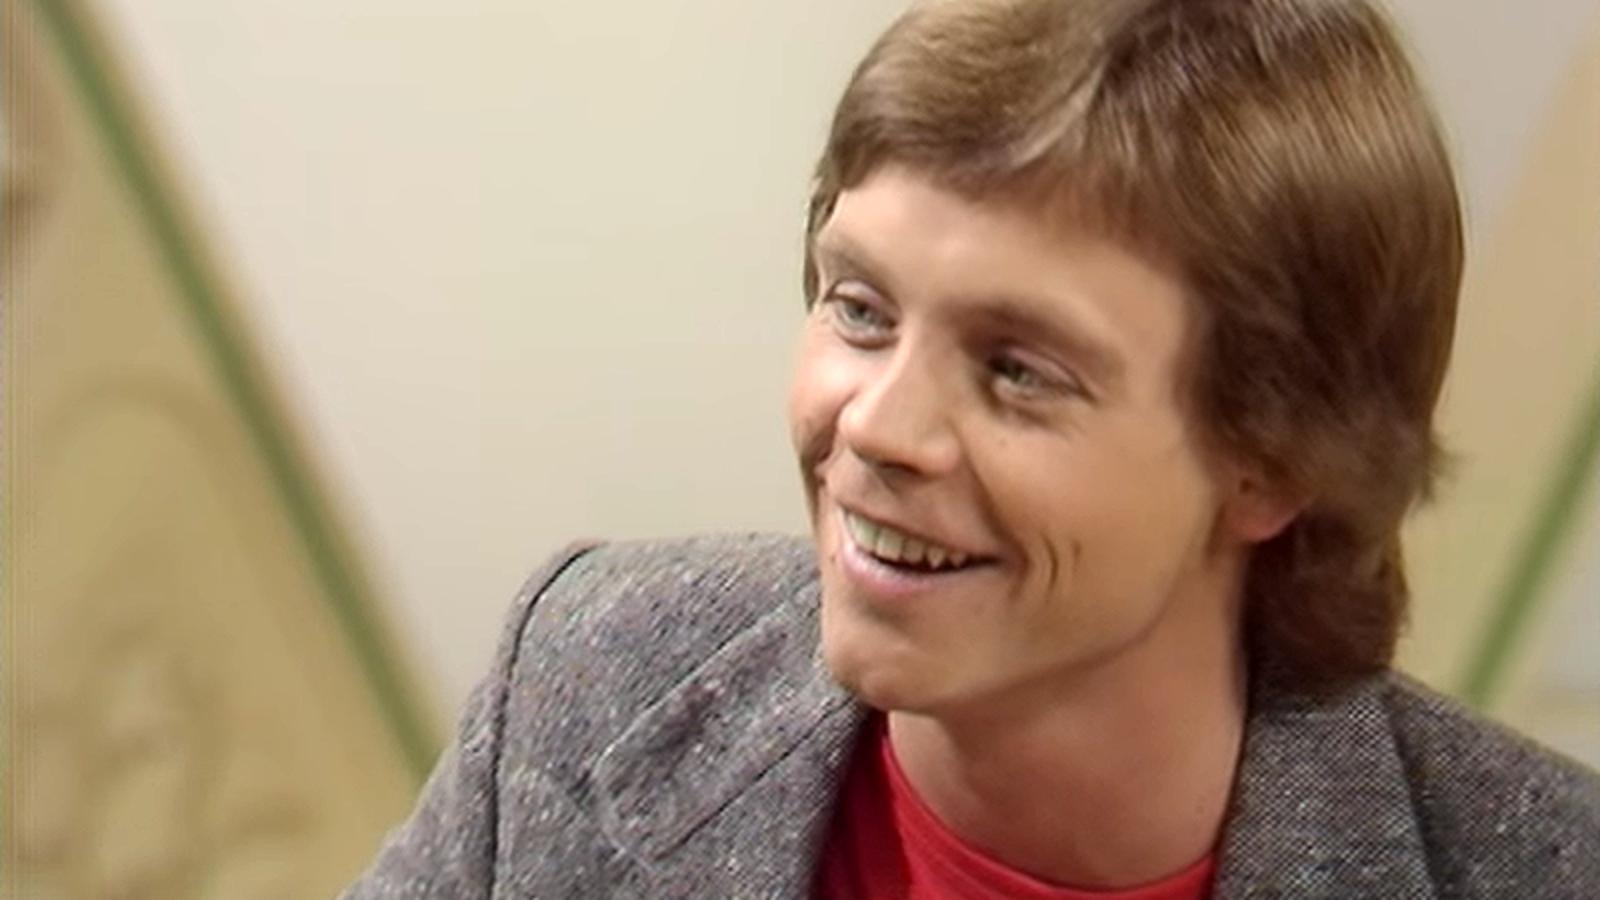 ¿Qué es Star Wars? La mejor respuesta a esa pregunta la dio Mark Hamill a los 26 años